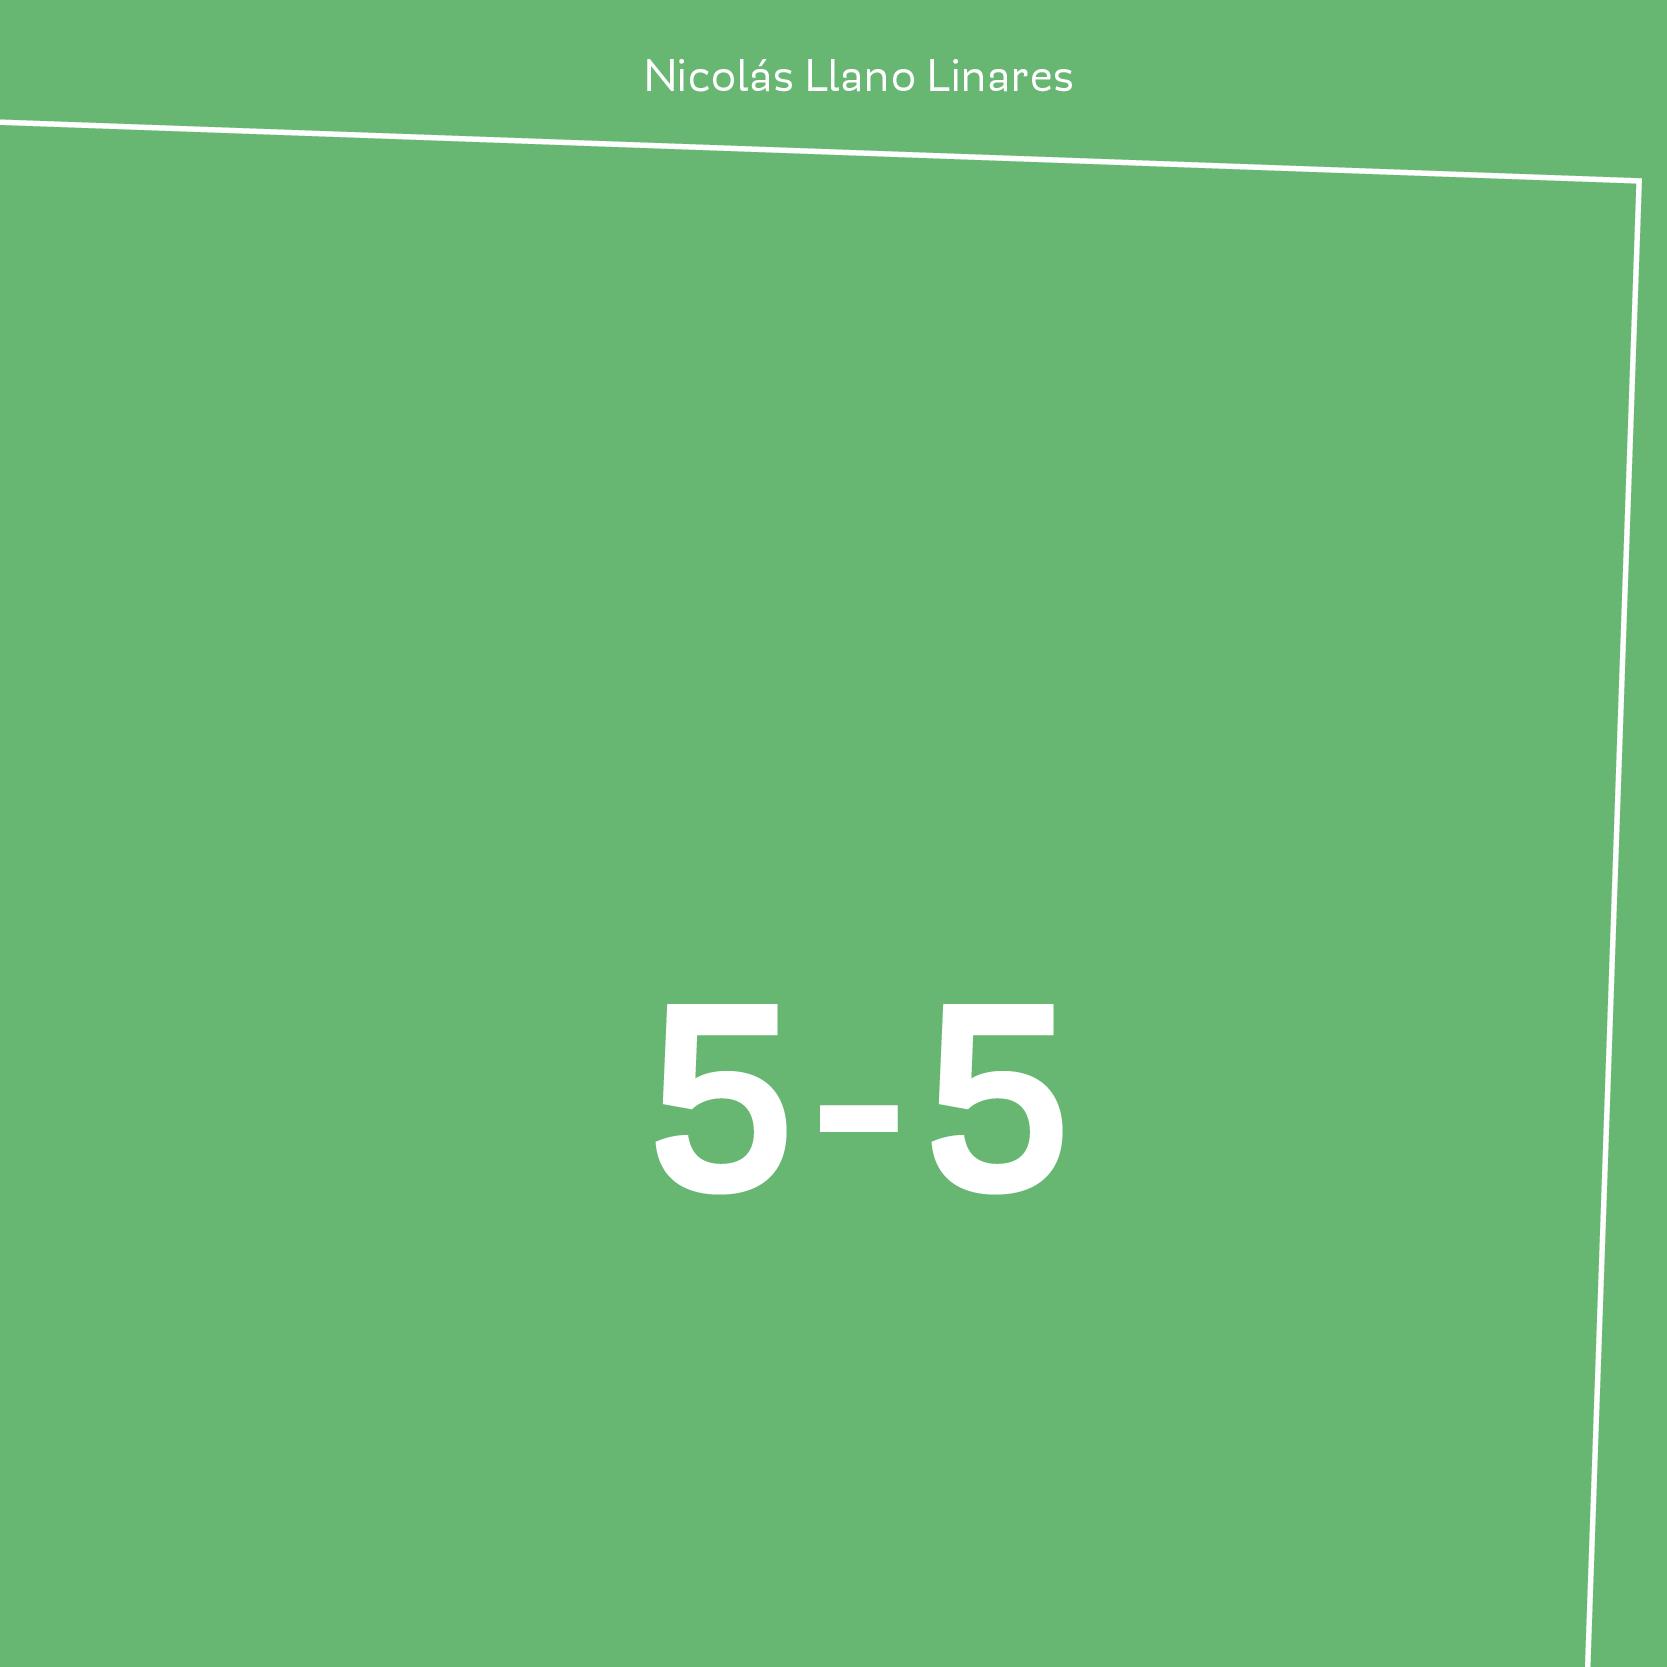 5-5_nicolas-llano-linares